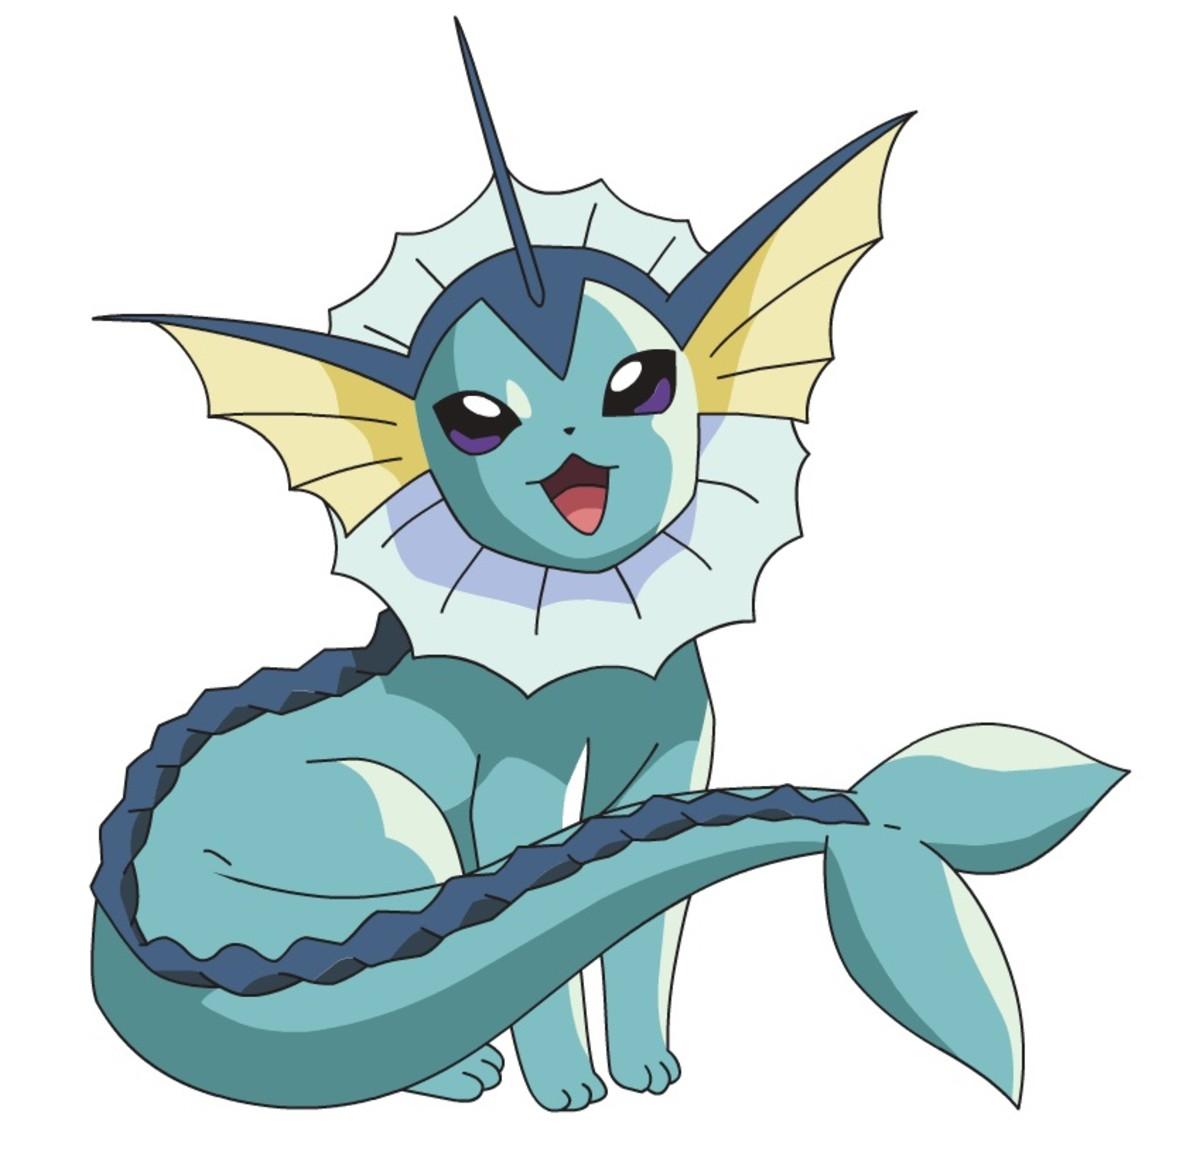 Vaporeon is a Water-type Eeveelution!